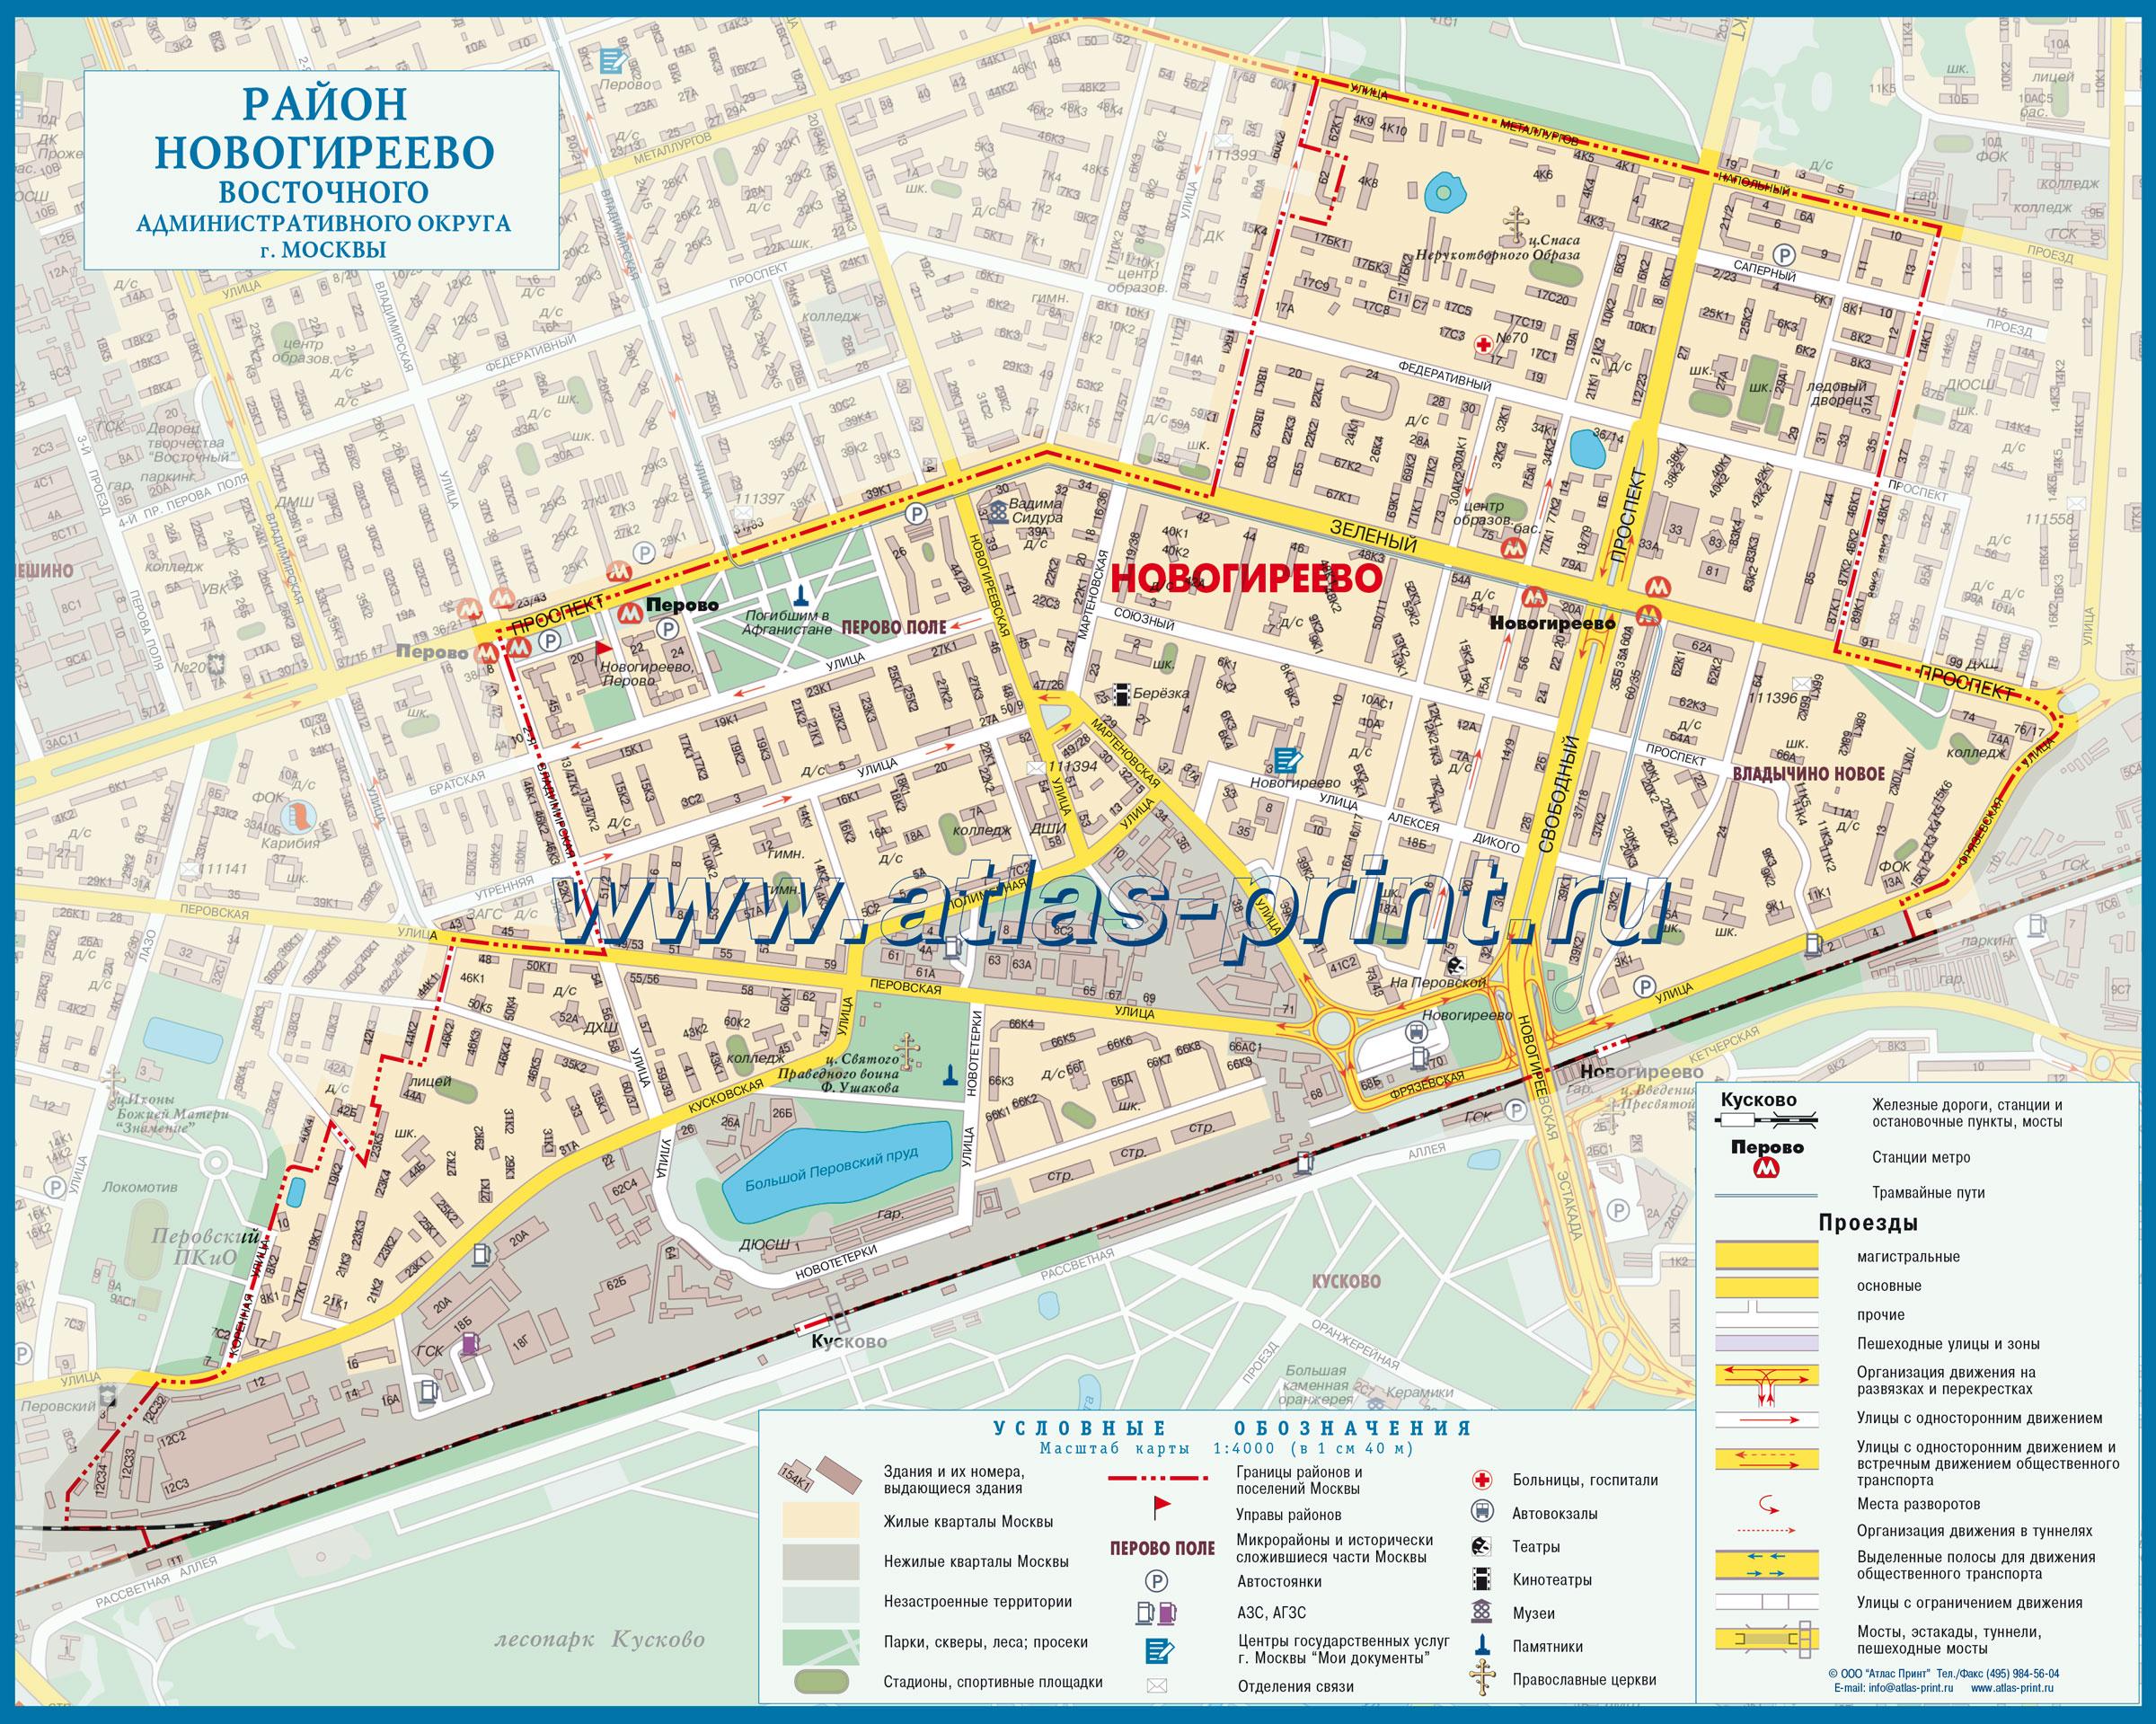 Настенная карта района НОВОГИРЕЕВО (Восточный административный округ г. Москвы) 1,00*0,79м, ламинированная